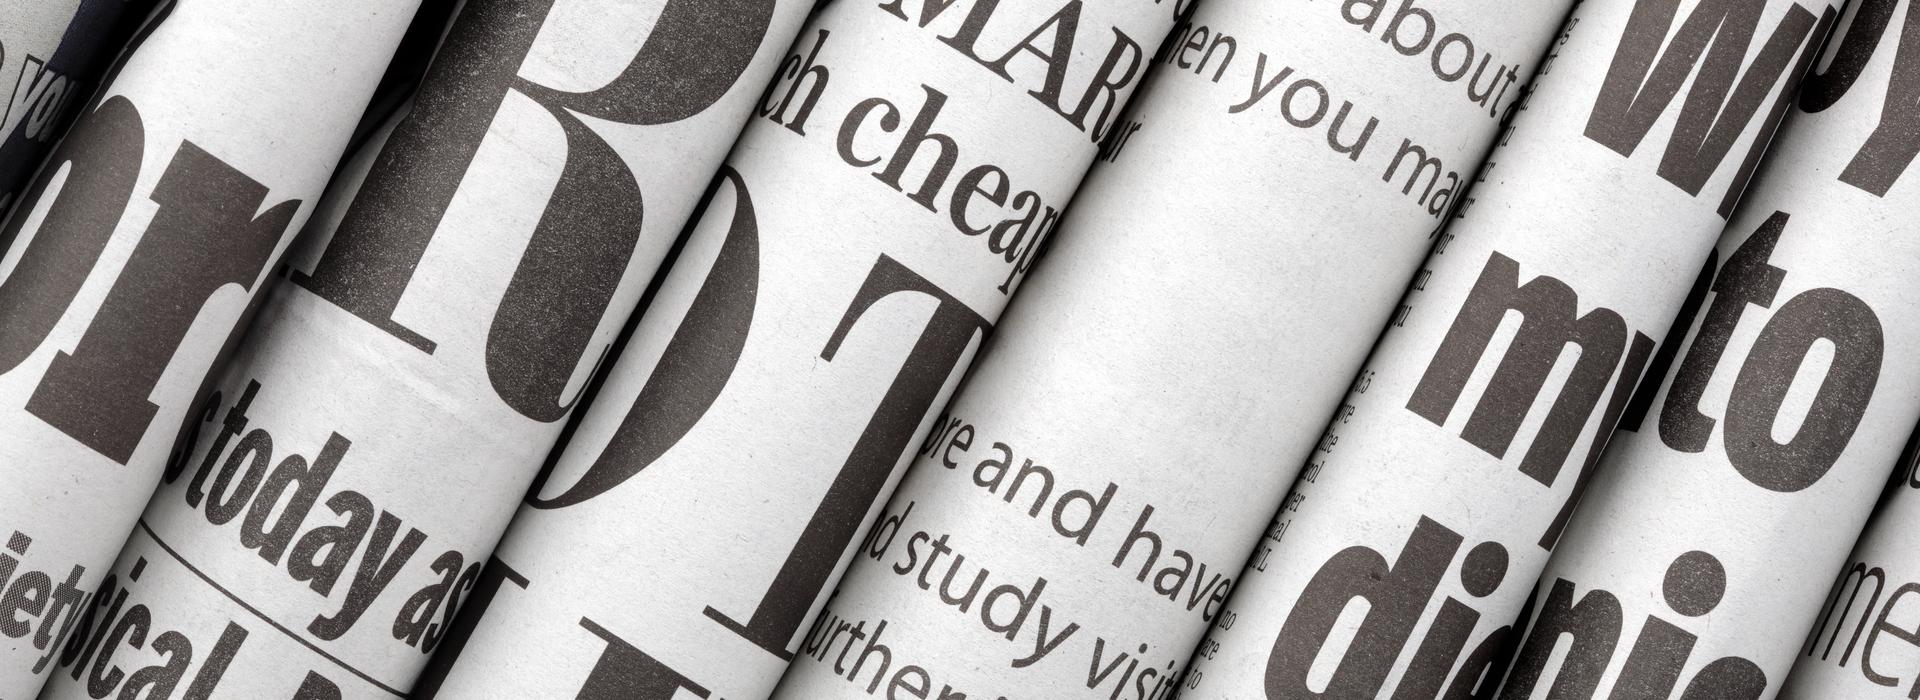 Отдел пресс-службы и редакции сайта